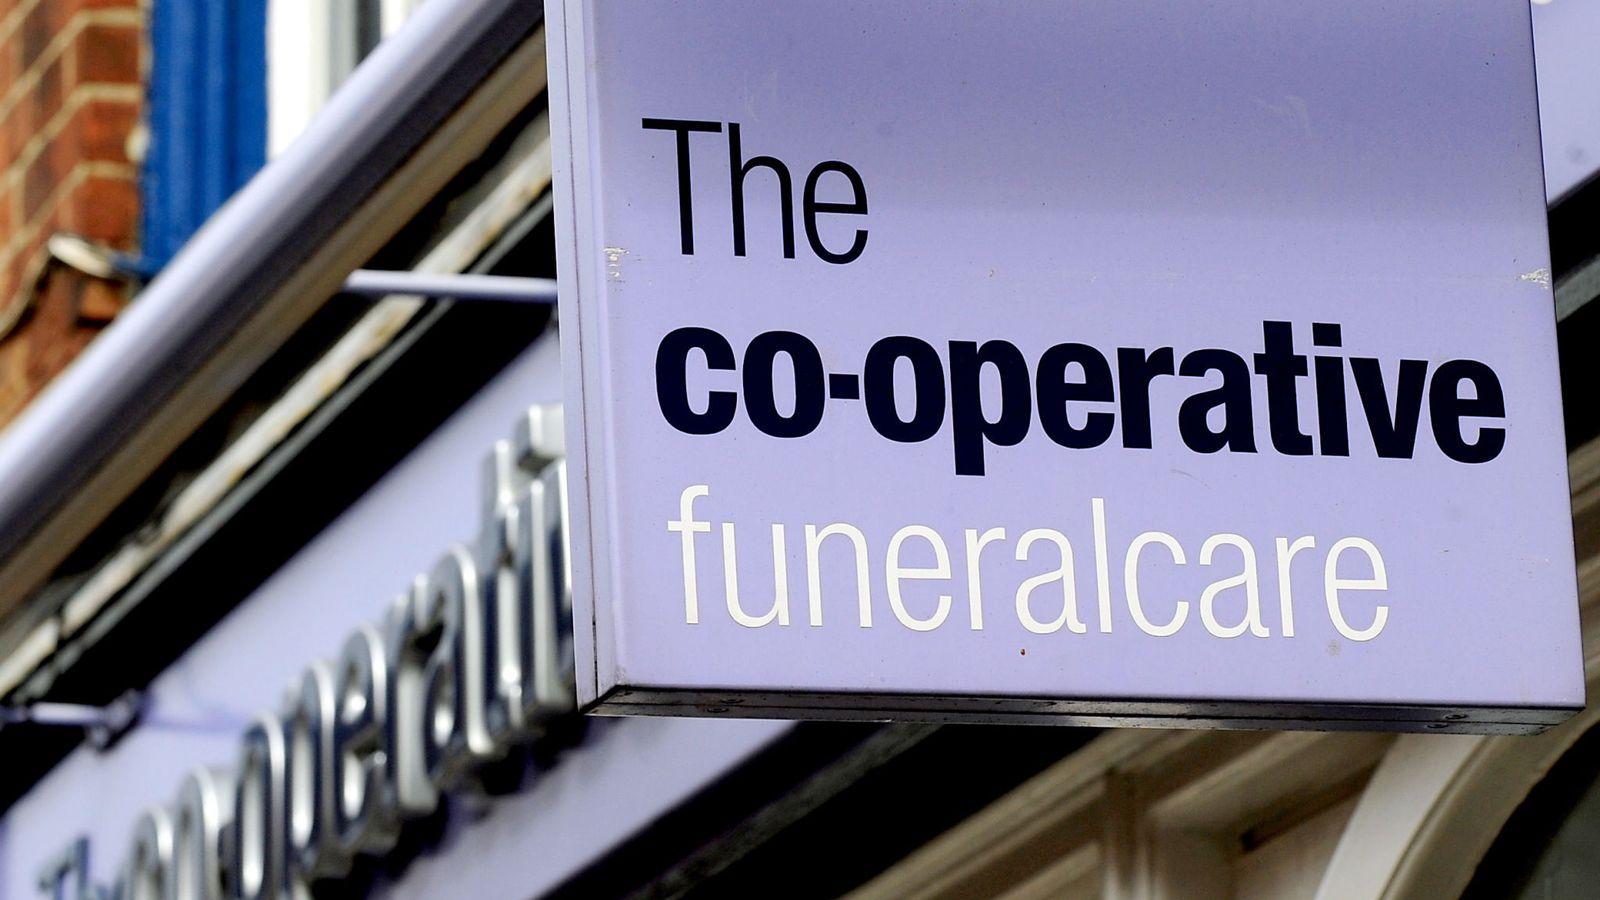 انخفاض الوفيات 10% ببريطانيا يٌكبد  كوبرتيف  لخدمات الجنائز 19 مليون إسترليني - جريدة المال